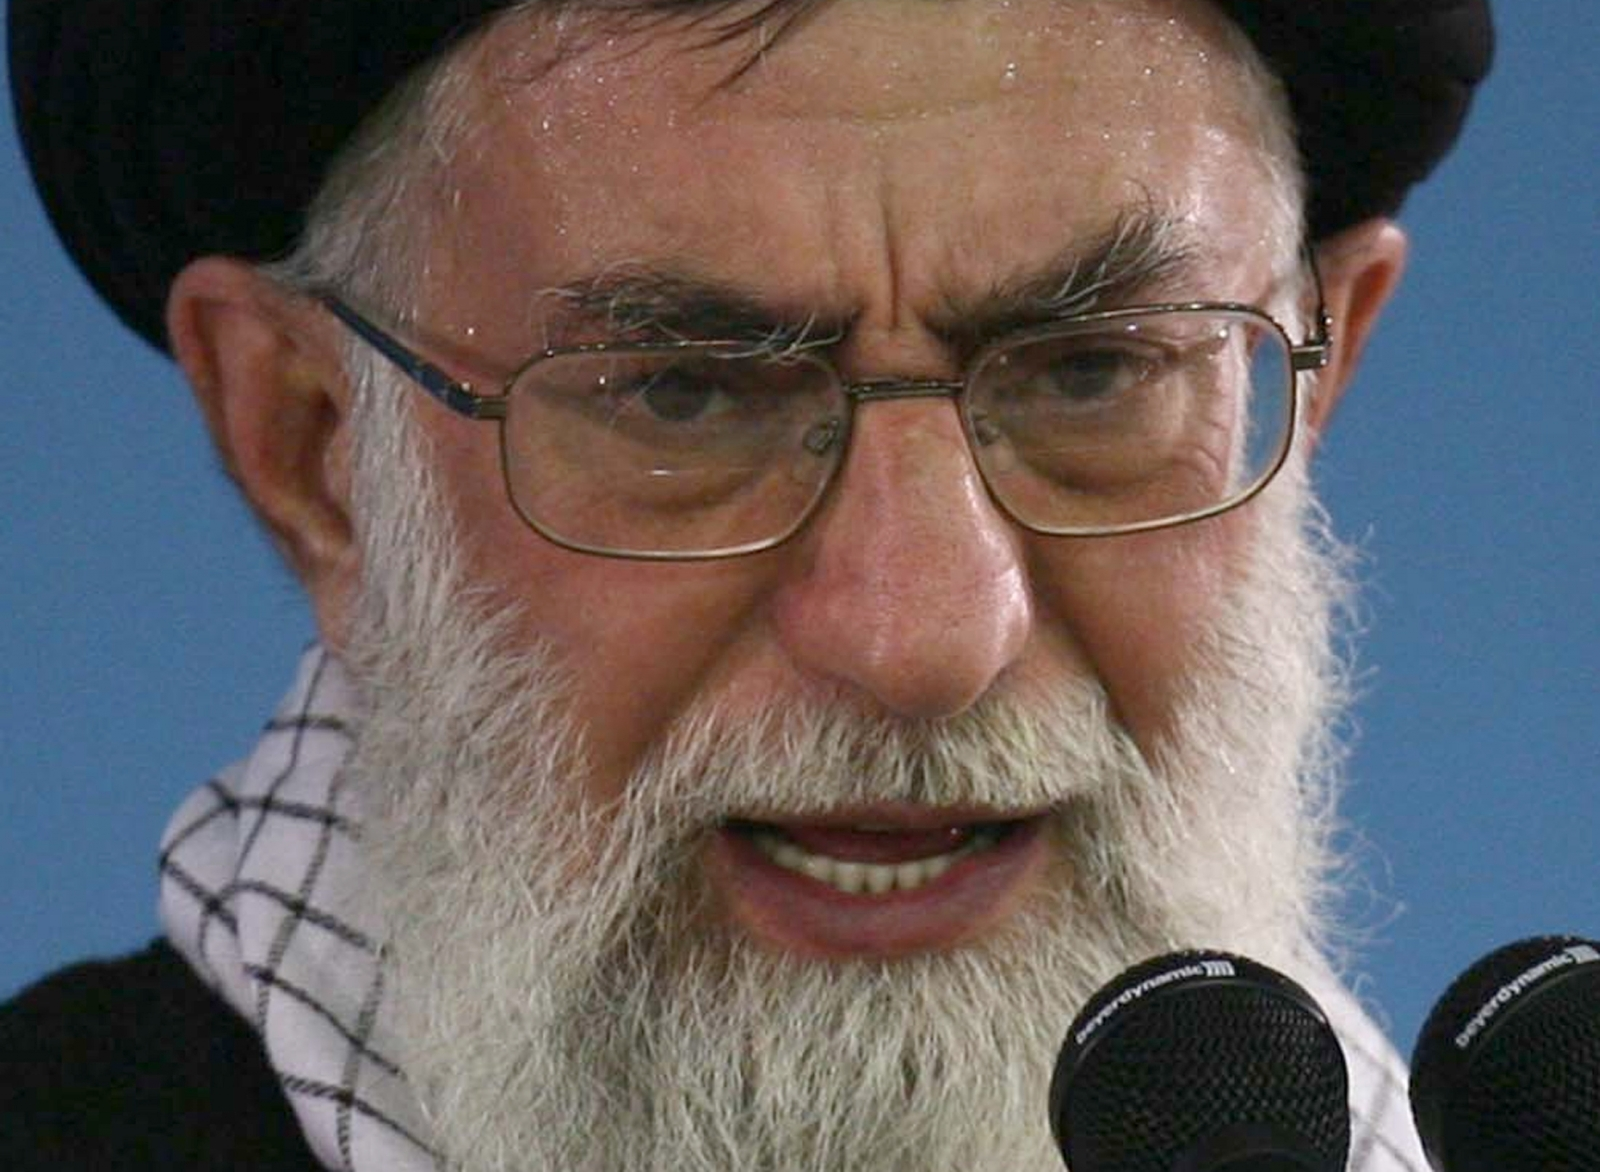 Iran Supreme Leader Ayatollah Khamenei successor